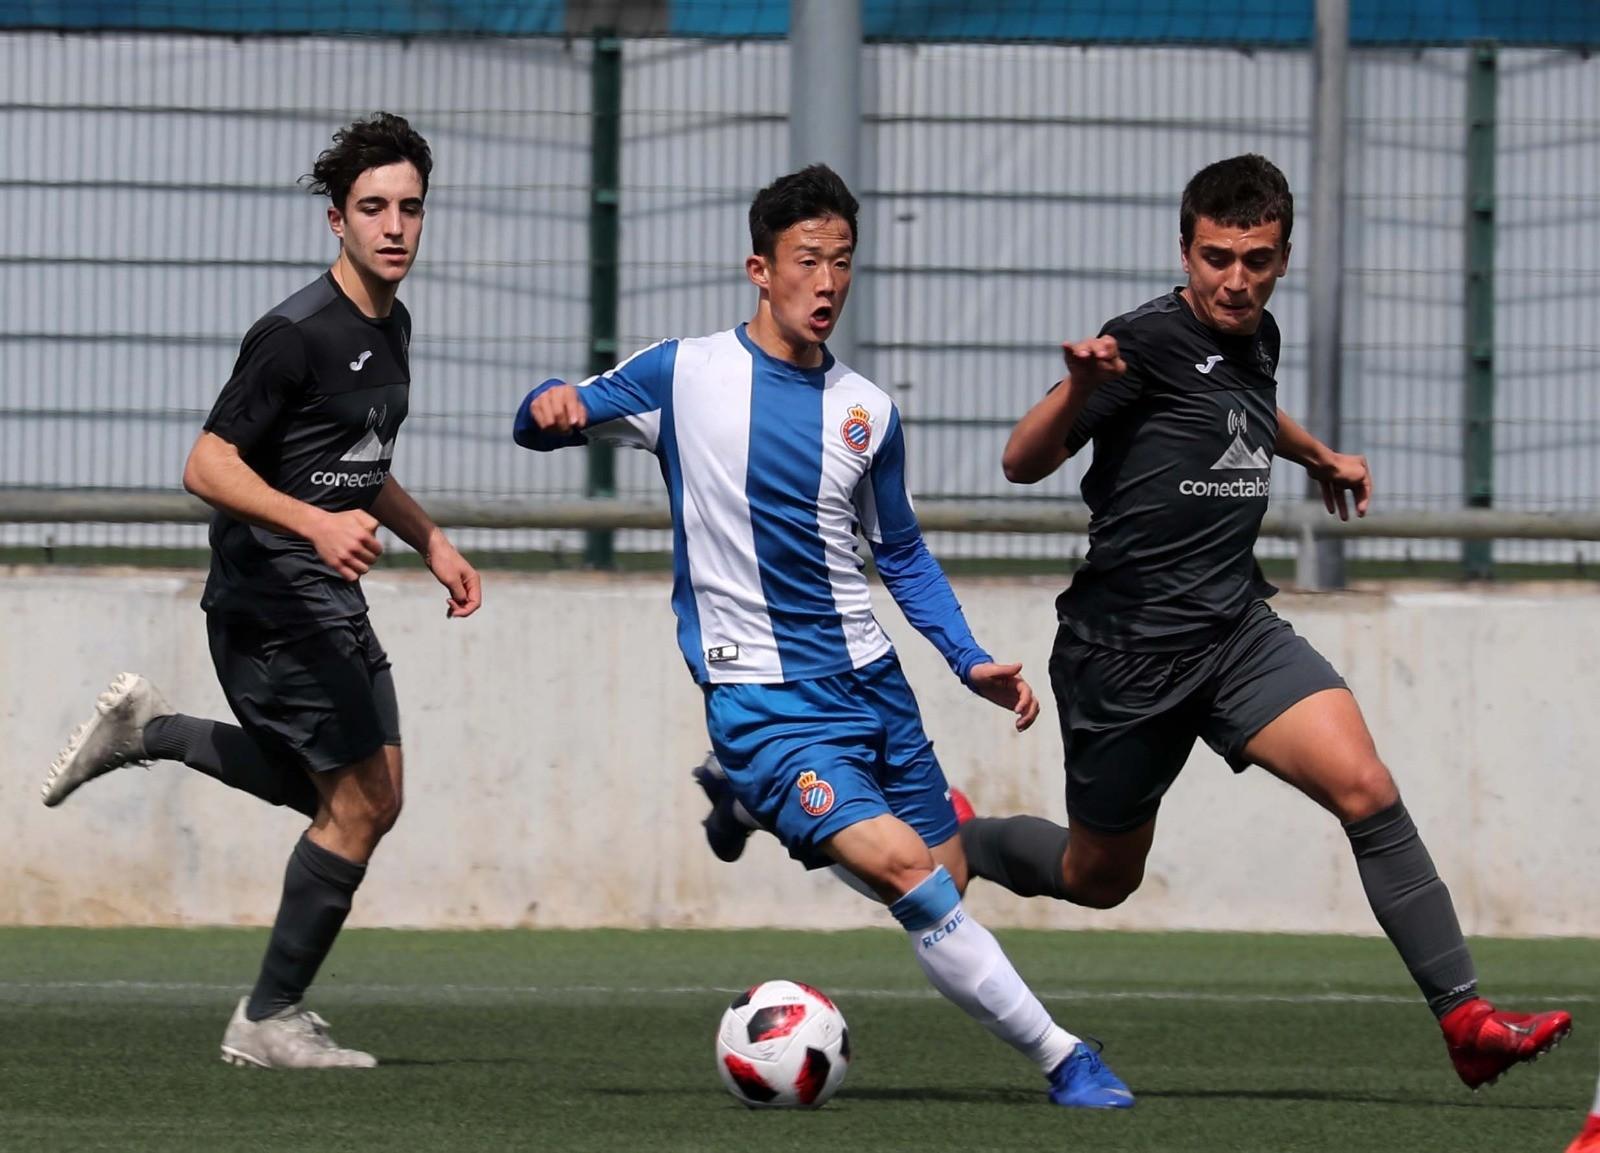 西班牙青年荣誉联赛收官张奥凯和他队友将踢青